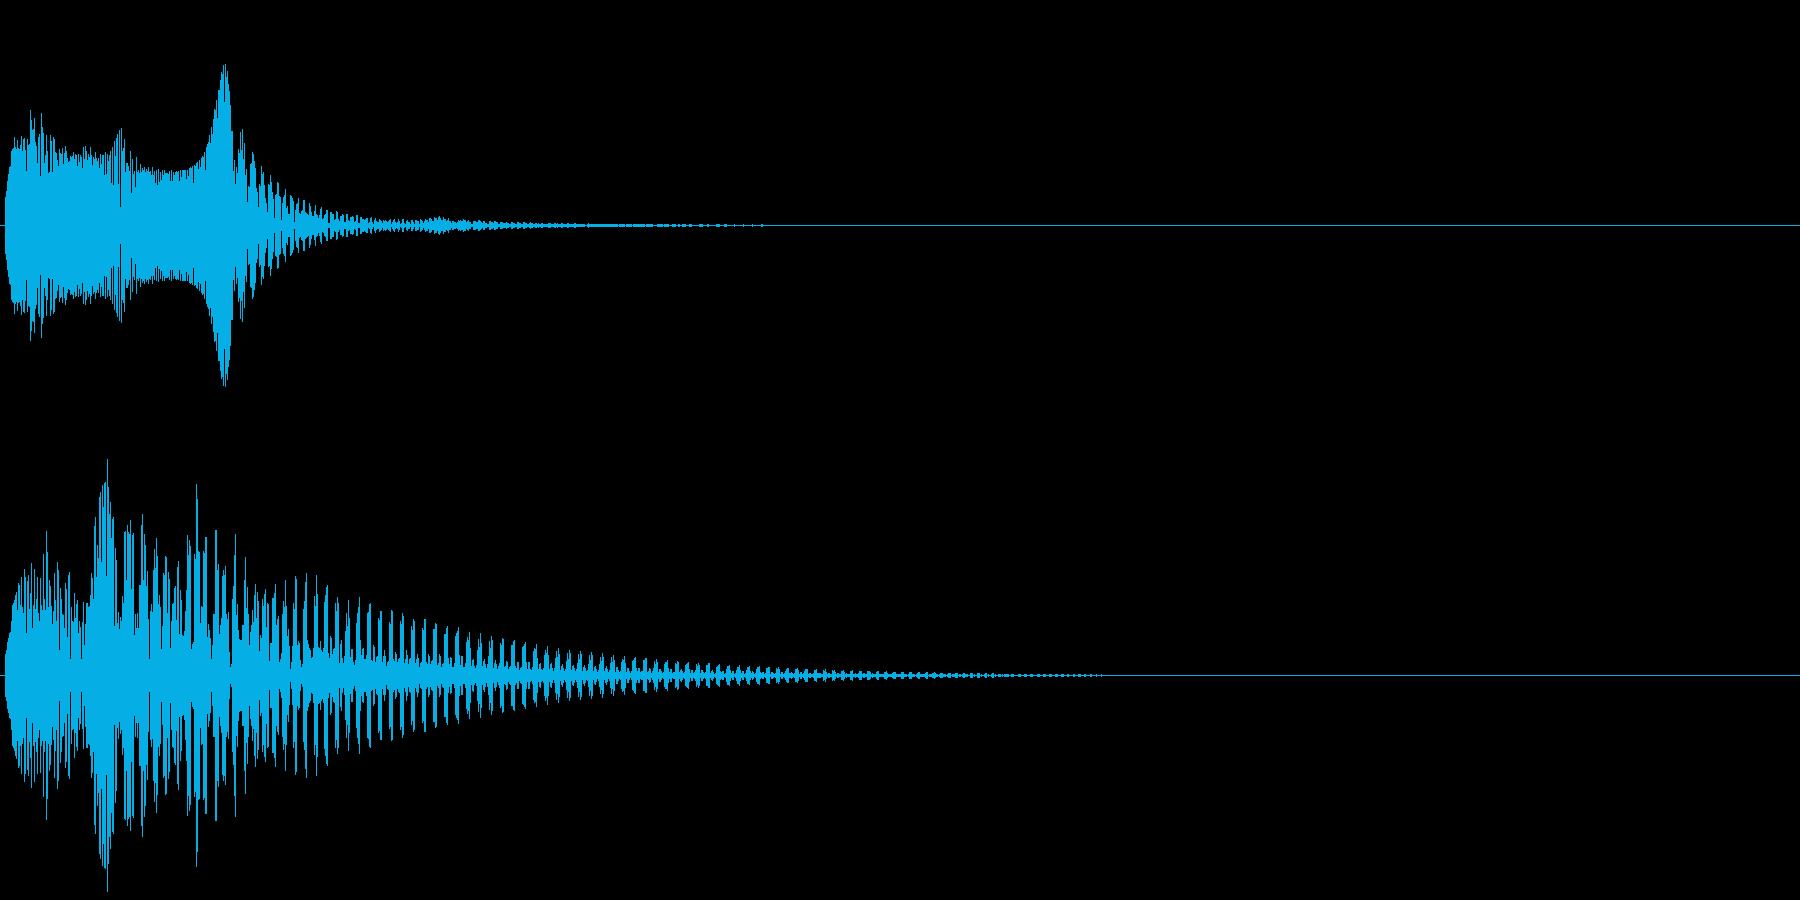 Baby 幼児玩具向け可愛い電子音3の再生済みの波形